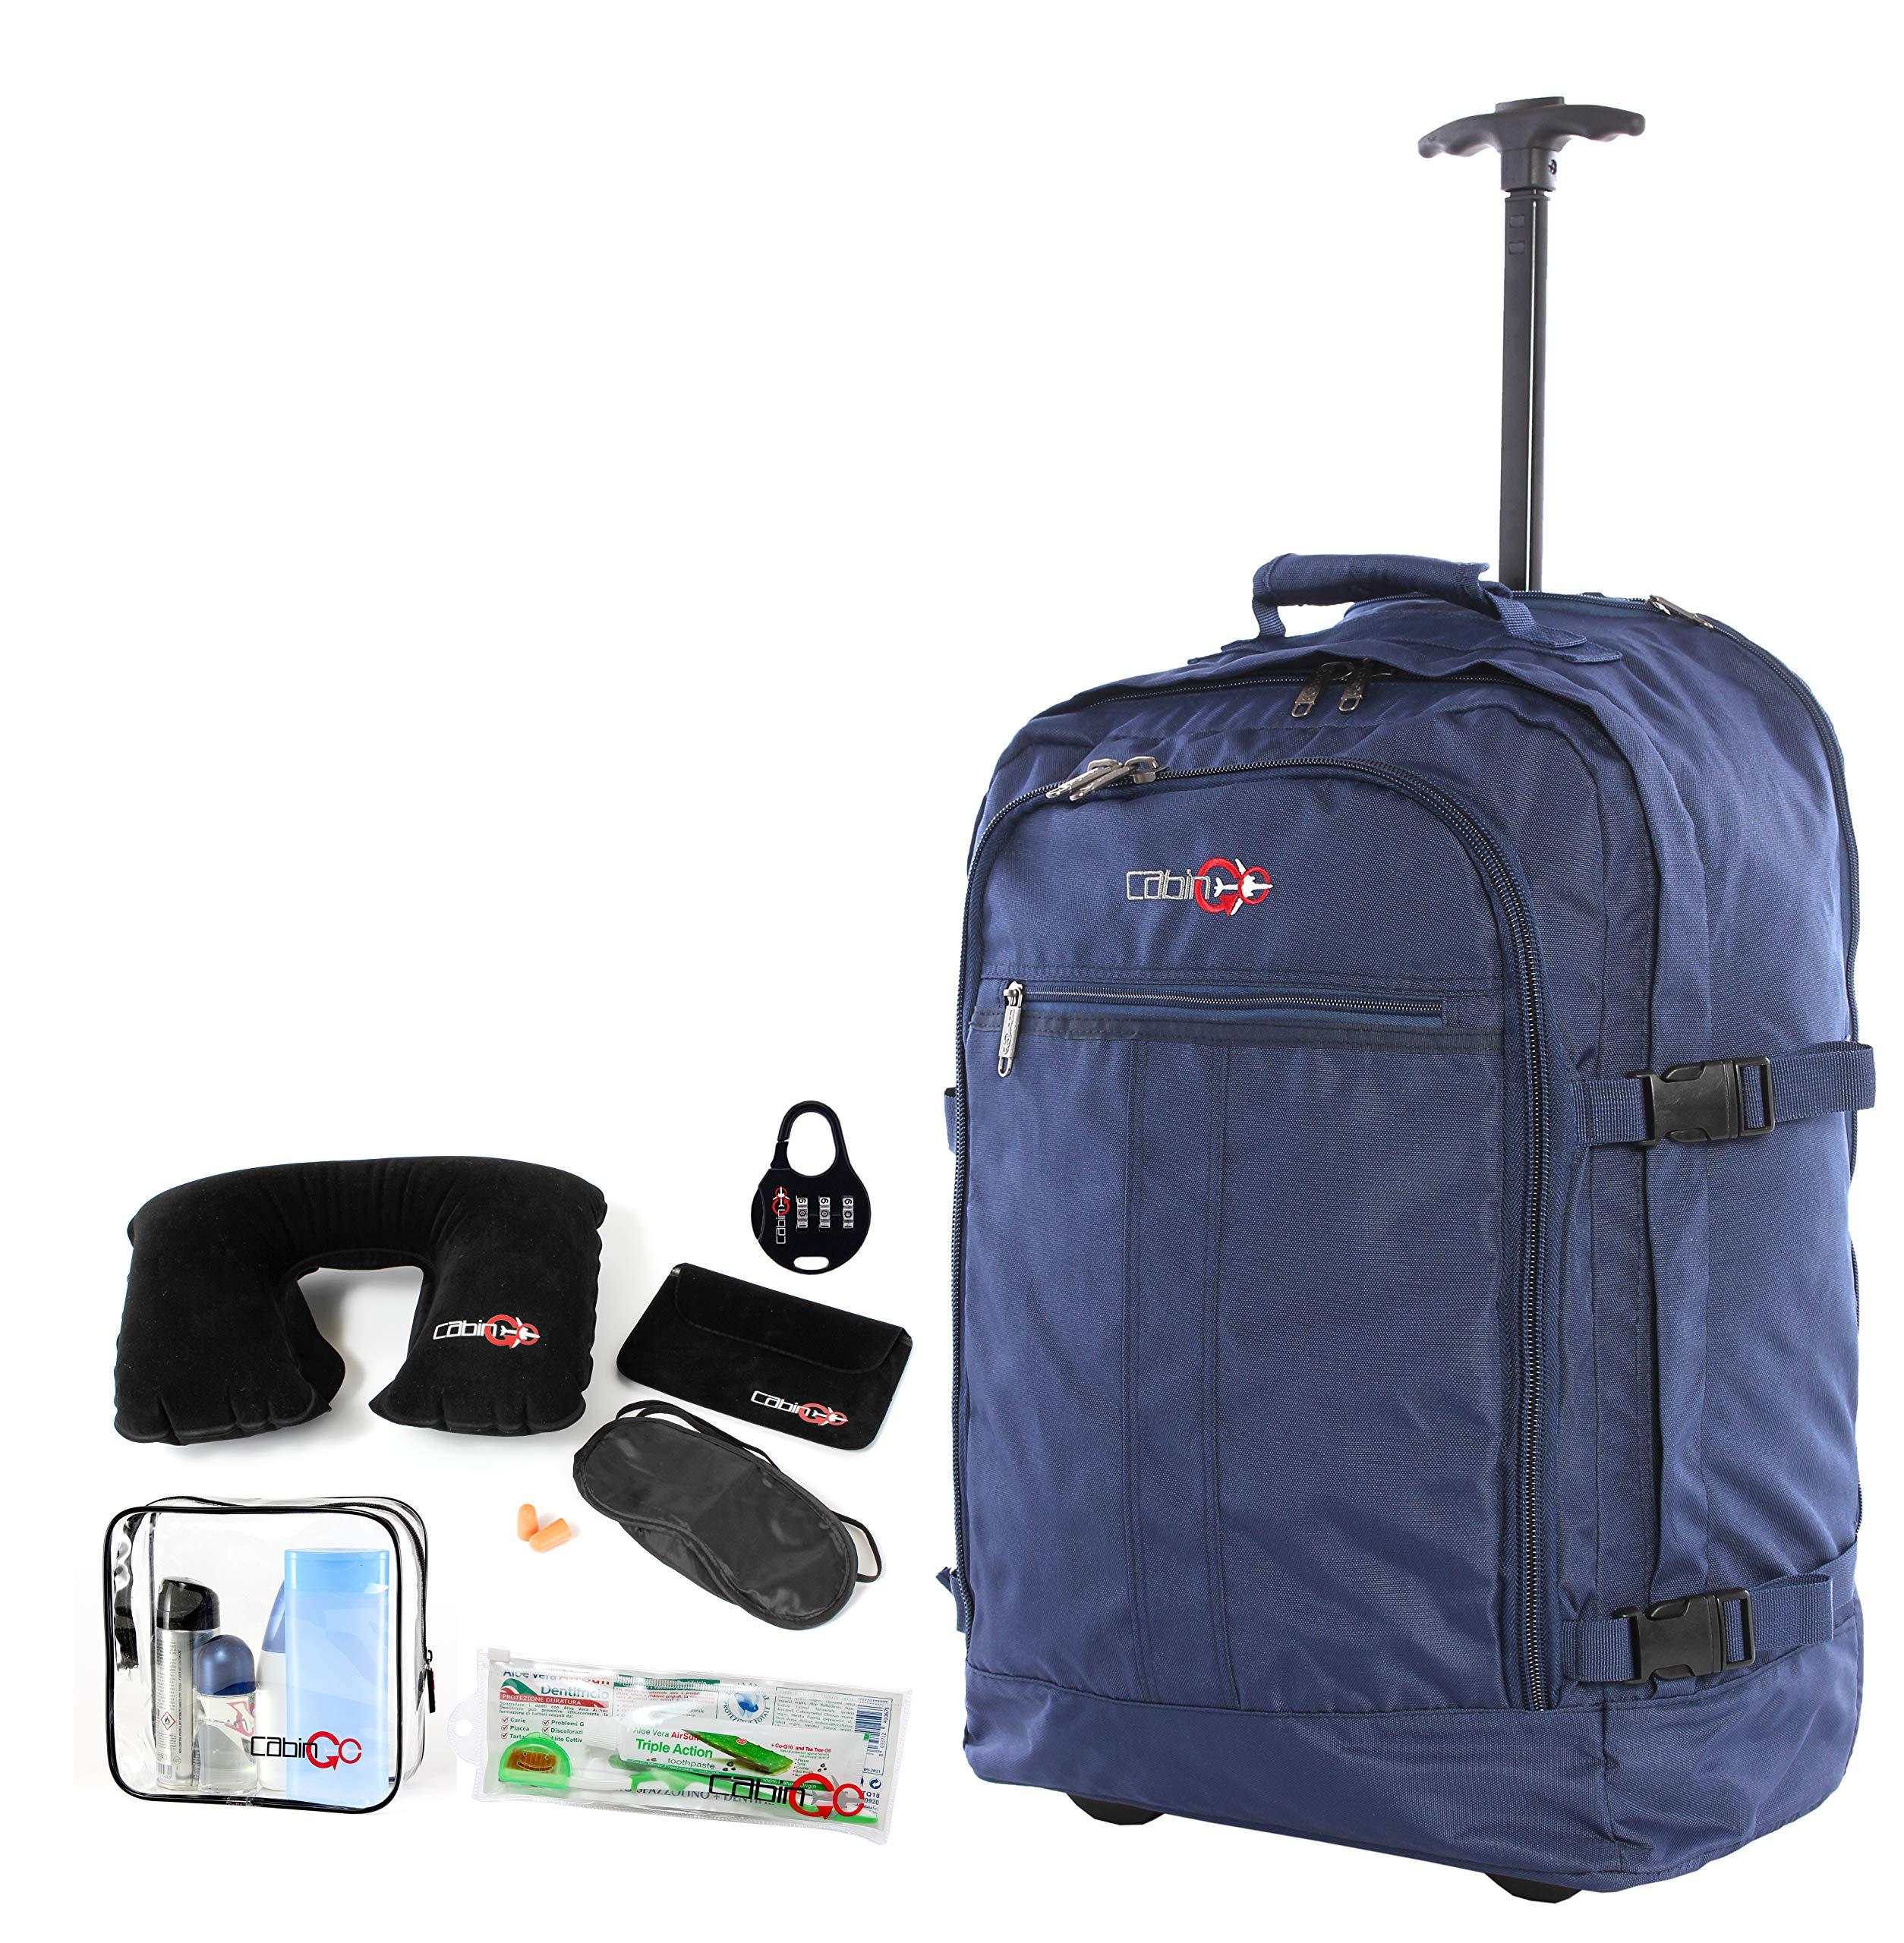 scarpe sportive 248af 3efa5 CABIN GO cod. MAX 55 trolley – Zaino bagaglio a mano/cabina da viaggio  leggero. – 55 x 40 x 20 cm, 44 litri – con ruote. Approvato volo ...